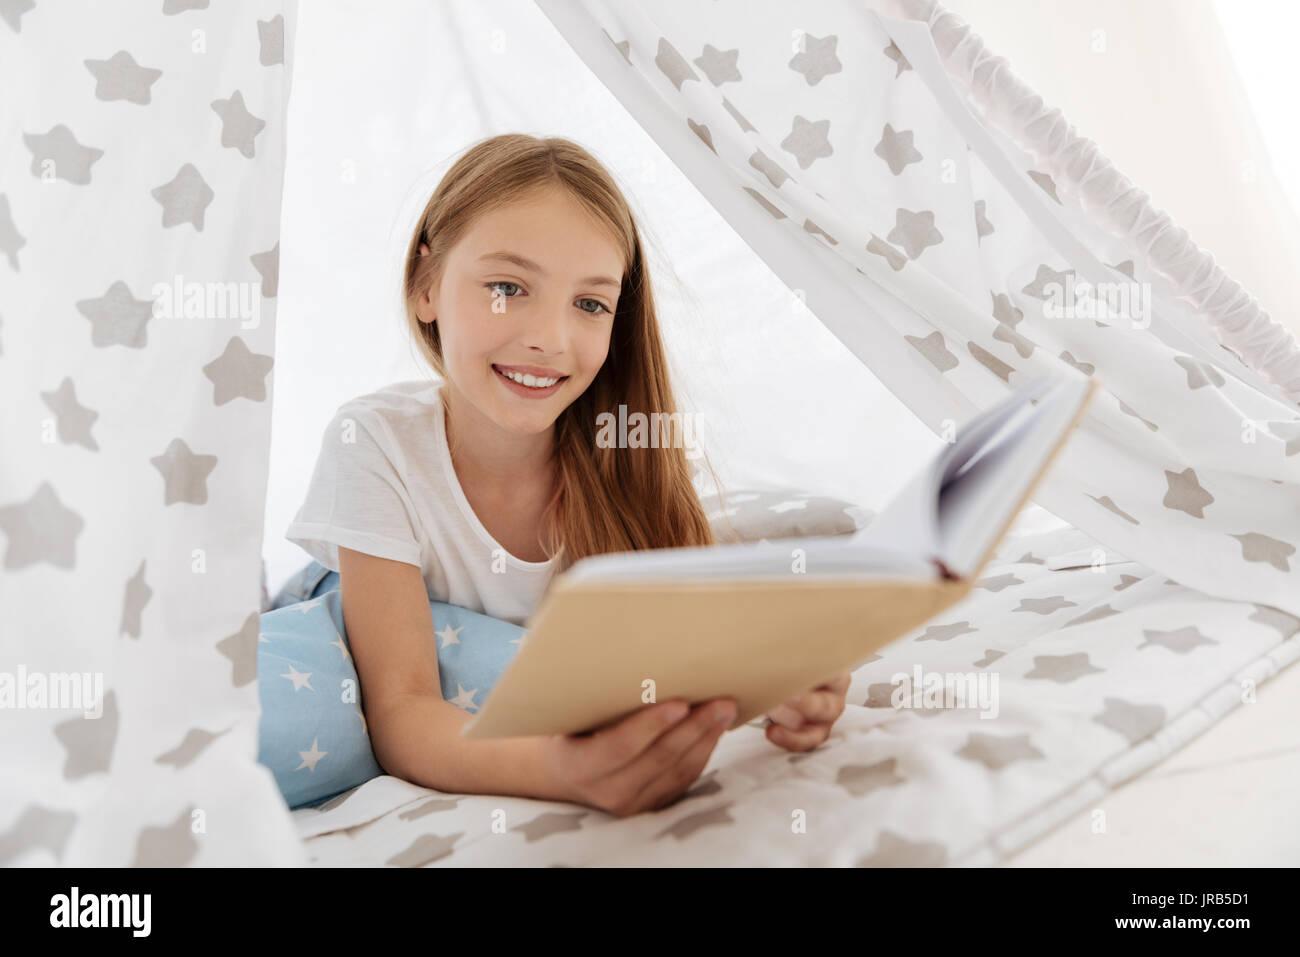 Señorita inteligente libro de lectura en carpa Imagen De Stock